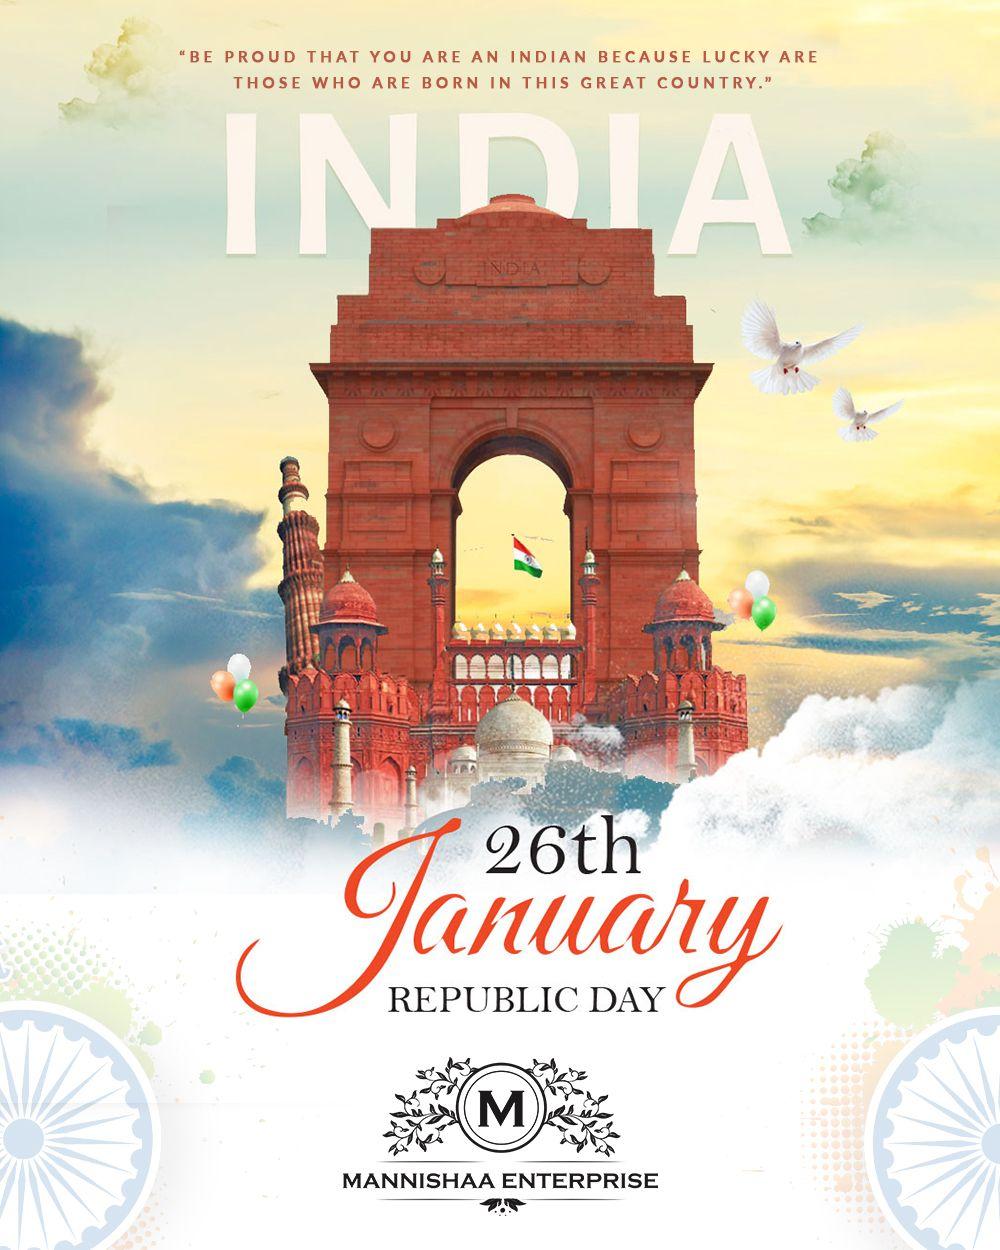 Creative Ads Republic Day Indian Republic Day India India Republic Day Images Happy republic day 2021 india gate